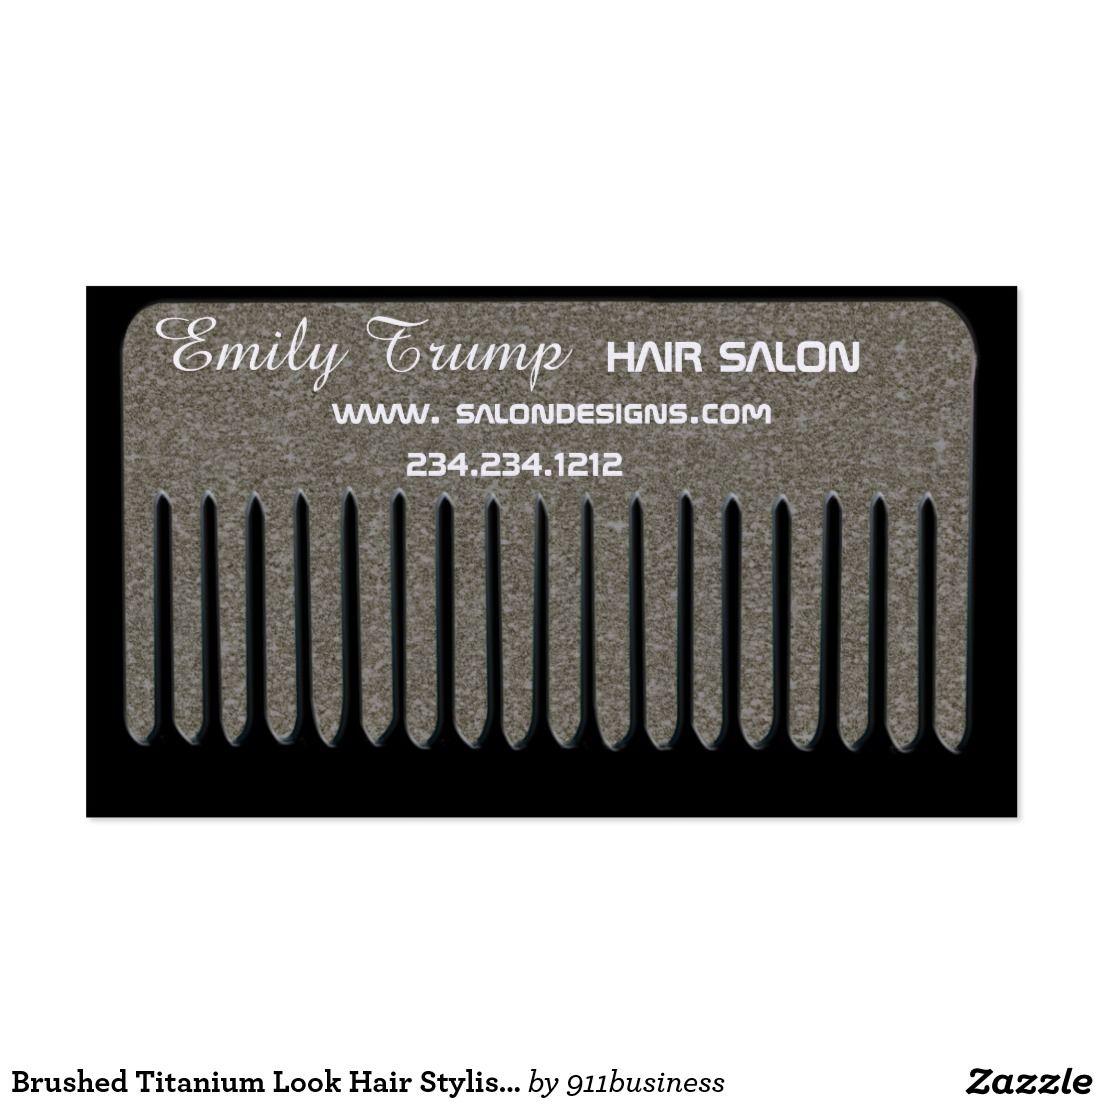 Brushed titanium look hair stylist vintage comb business card brushed titanium look hair stylist vintage comb business card colourmoves